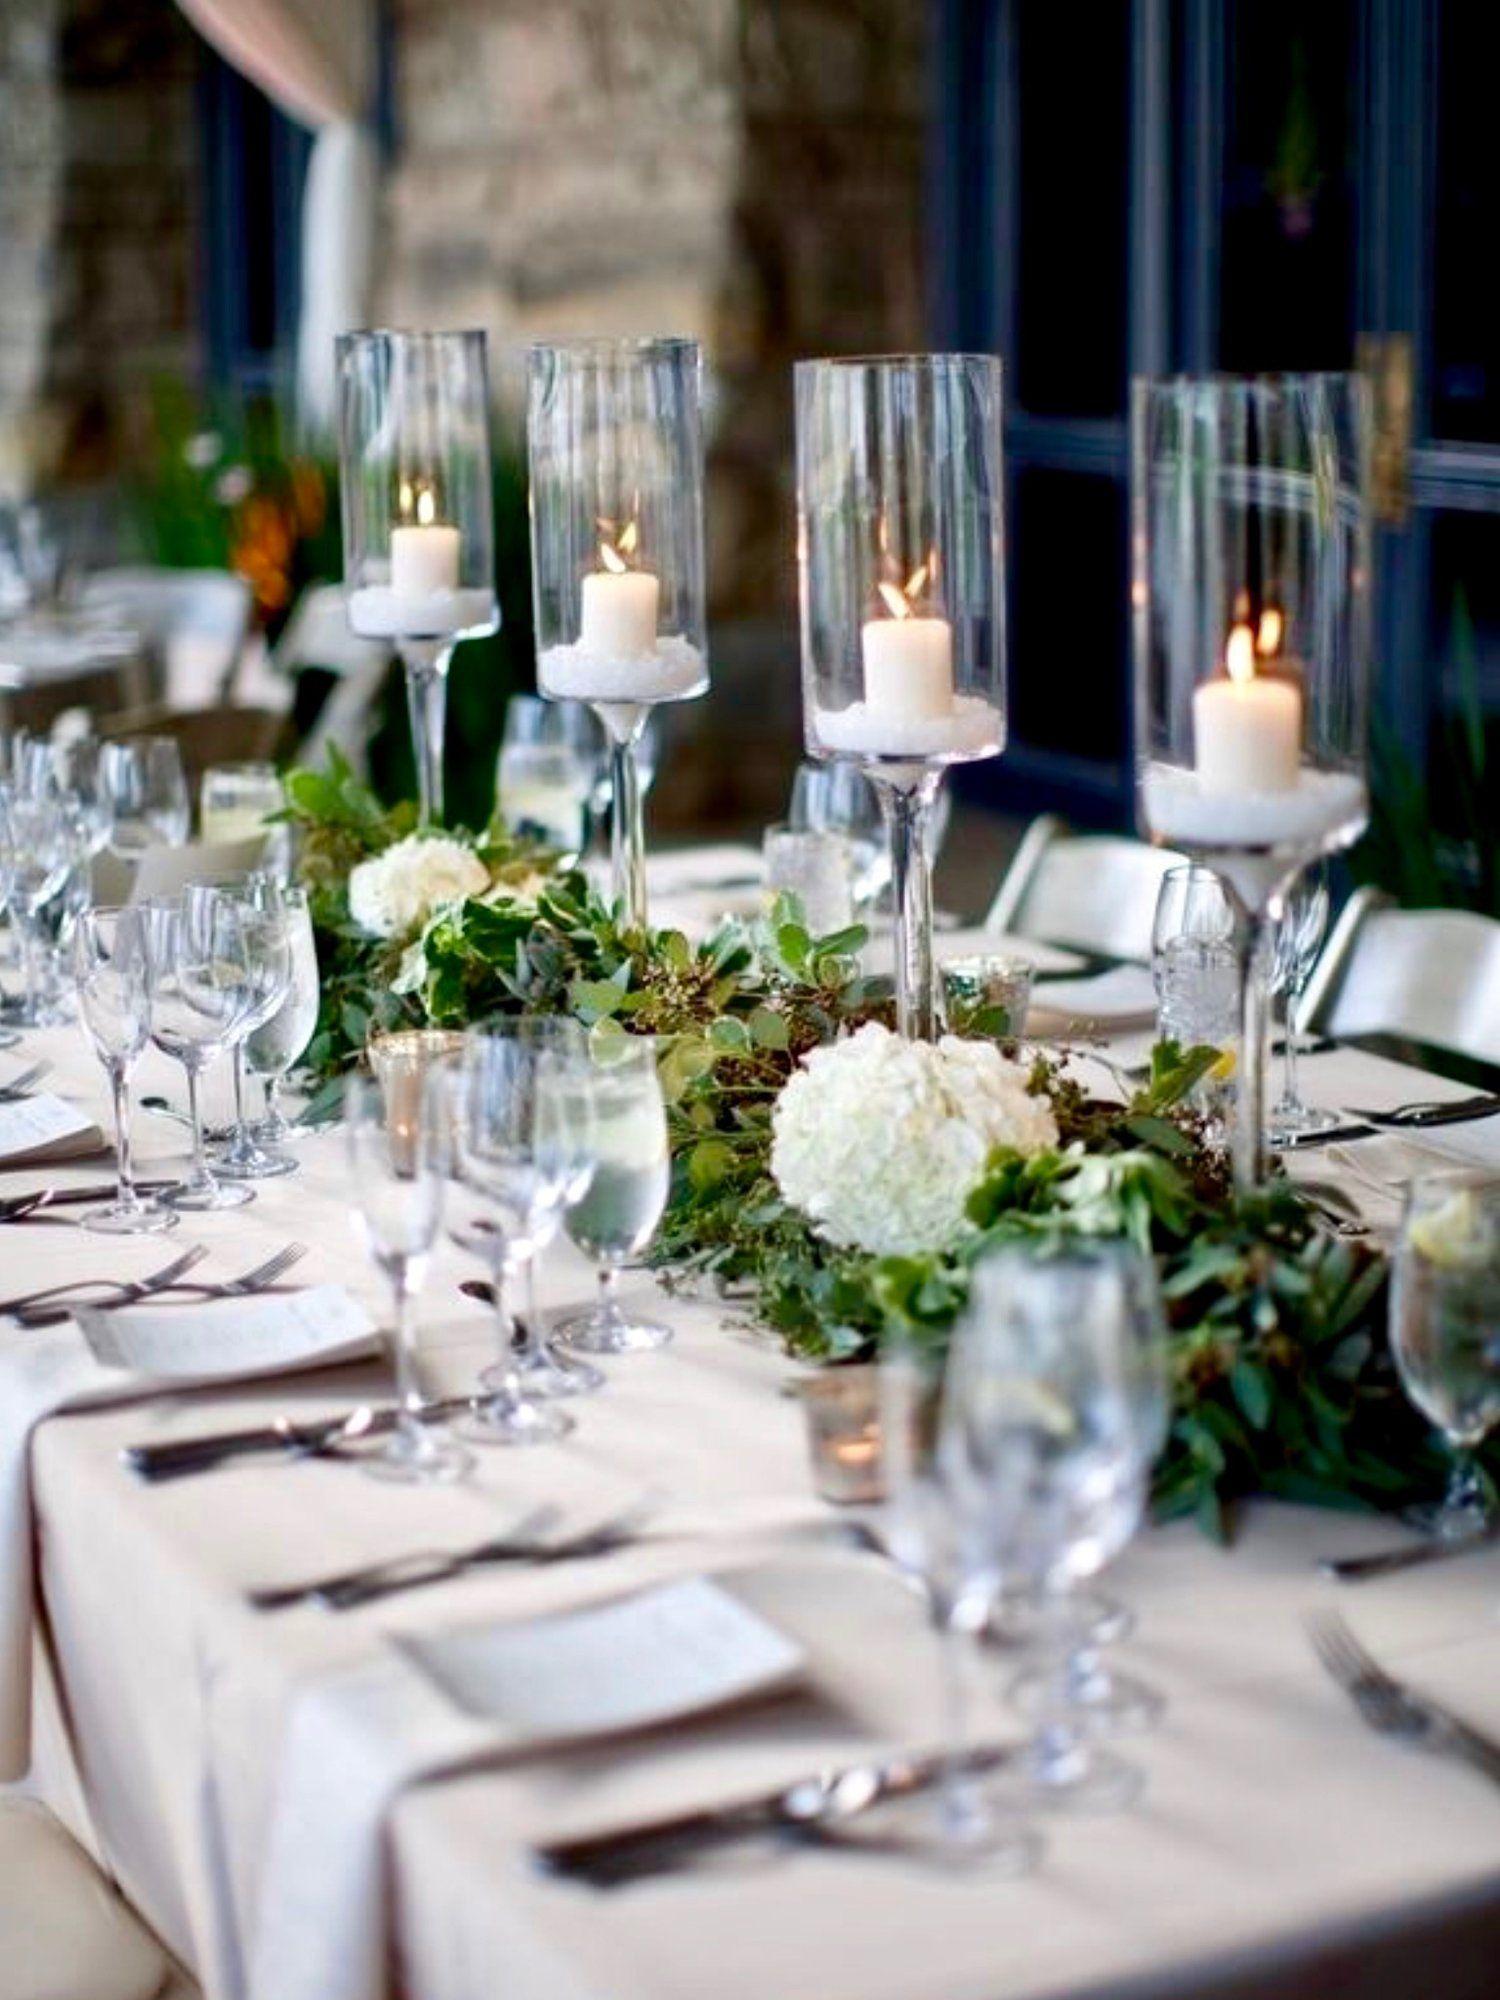 Top 150 Christmas Tables 1 5 Christmas Table Decorations Christmas Table Settings Table Decorations